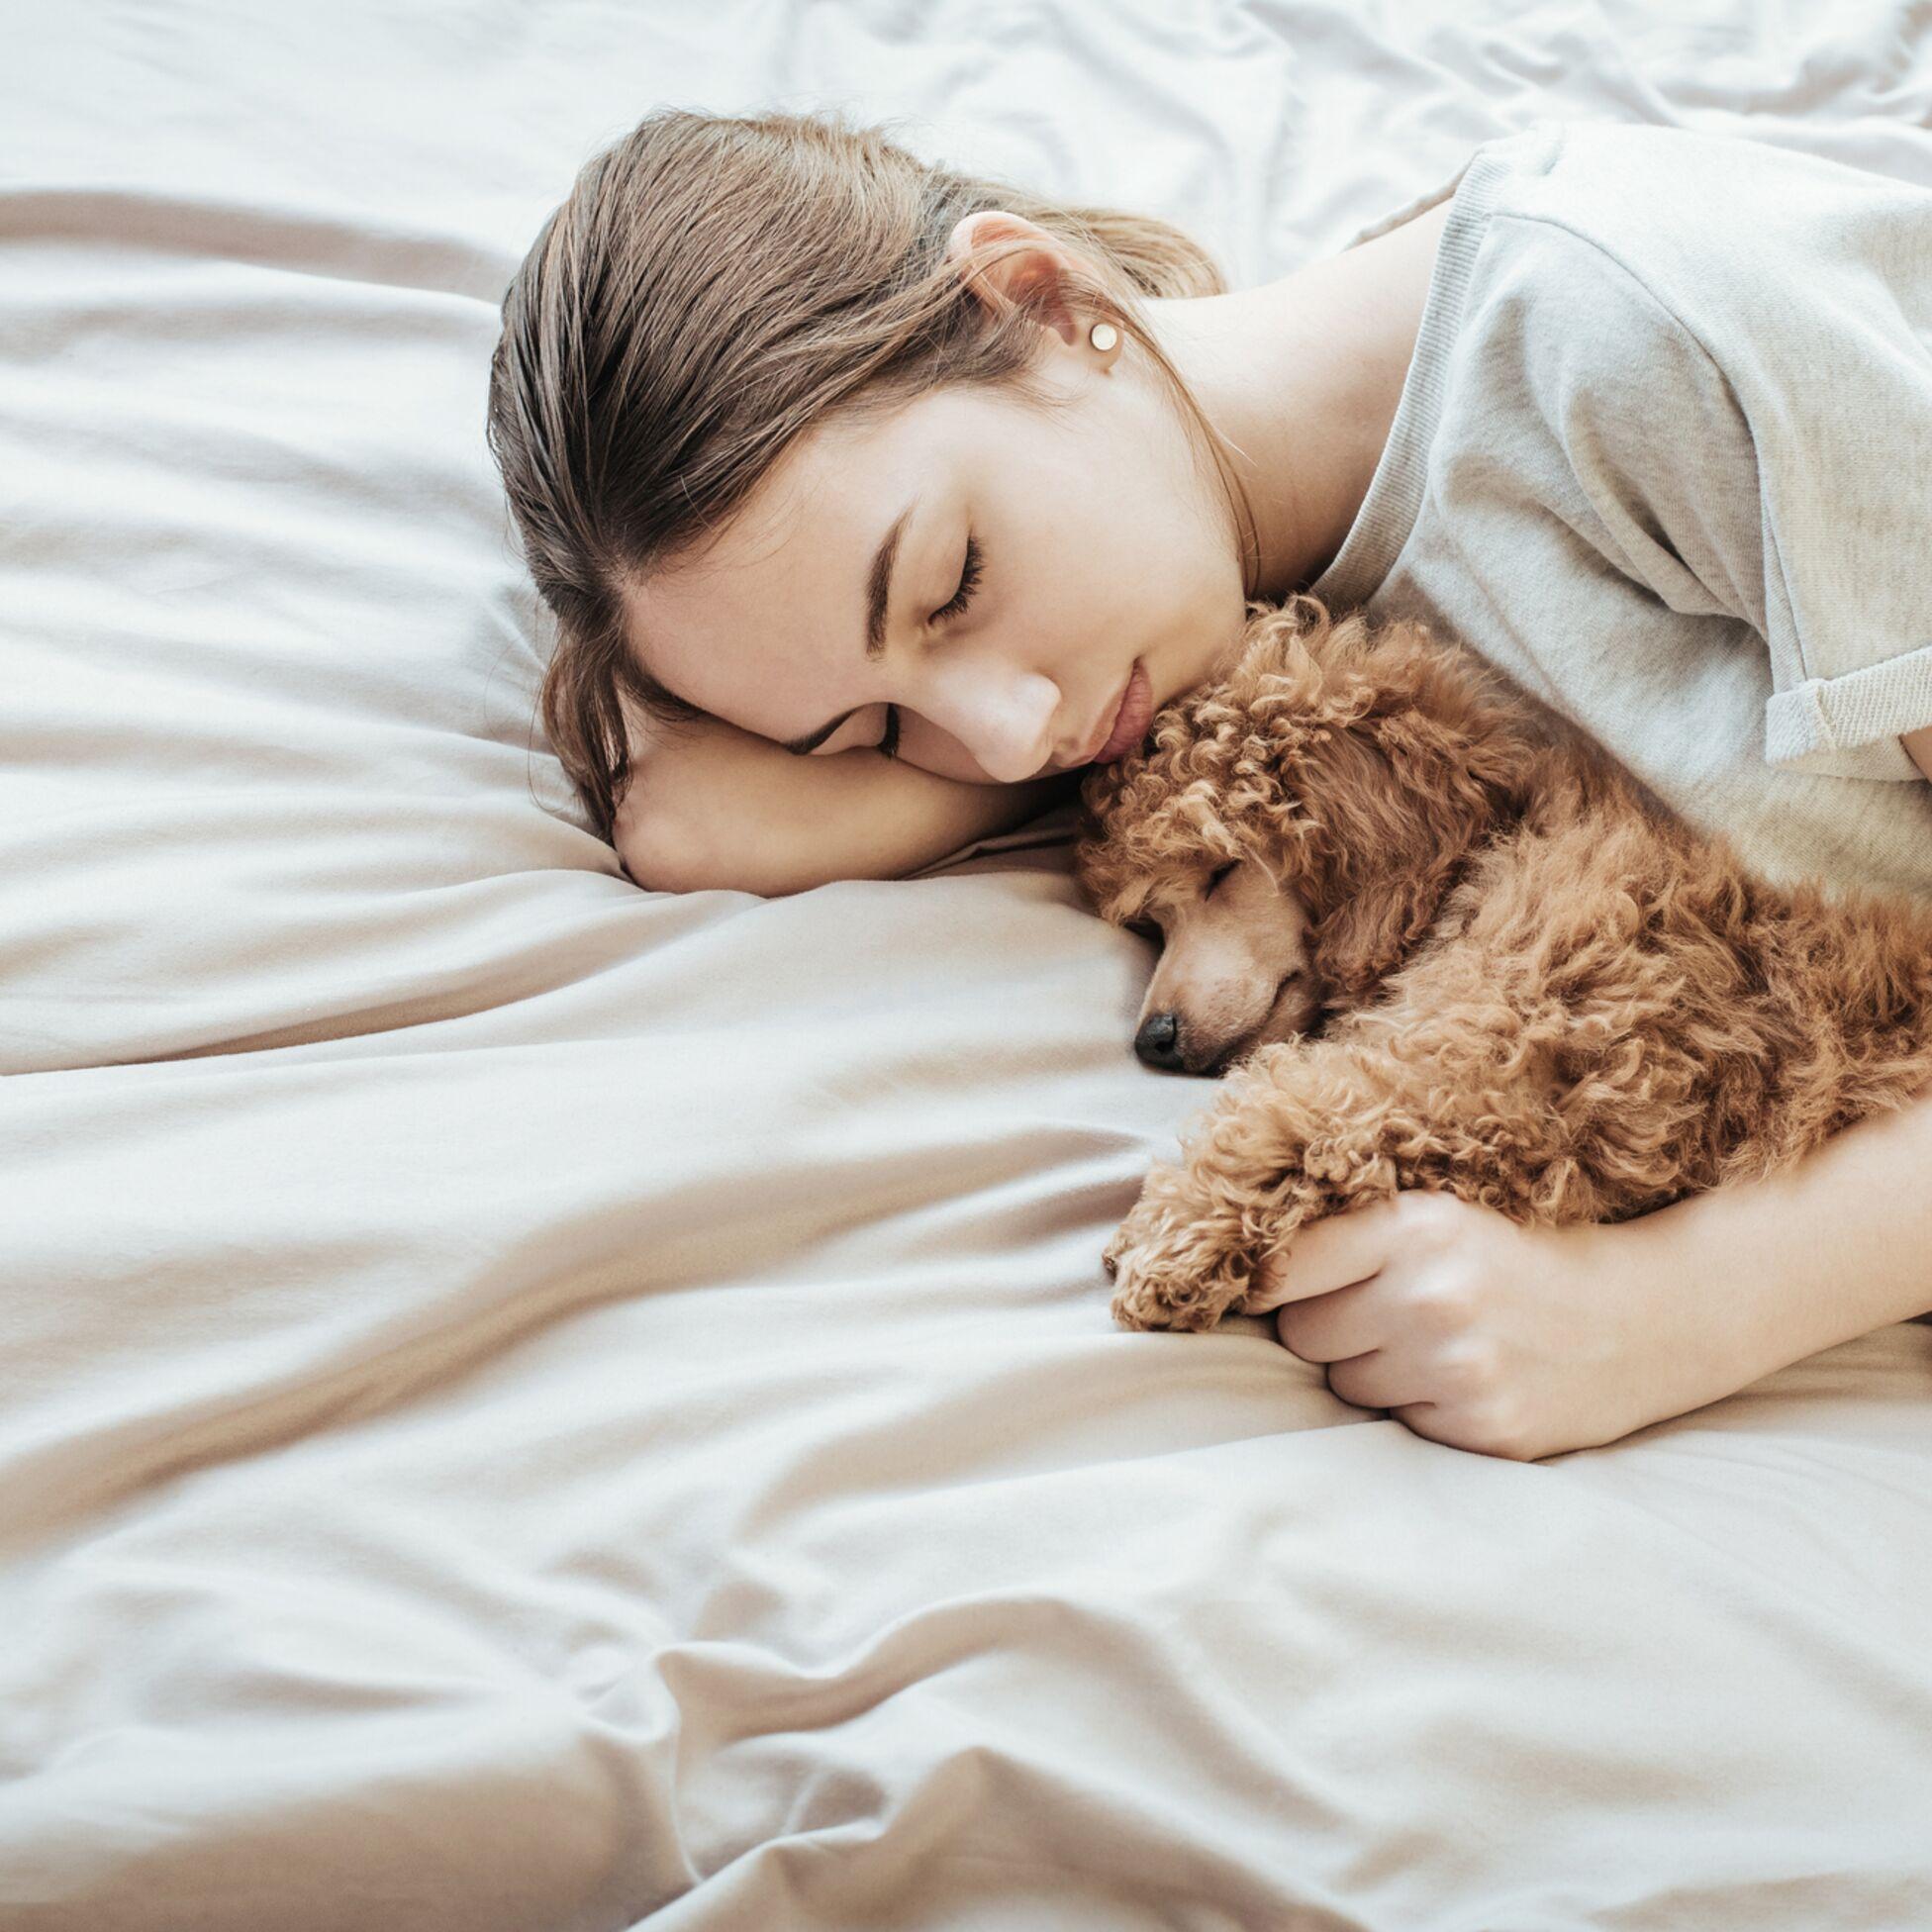 Junge Frau liegt auf dem Bett mit ihrem Pudel im Arm